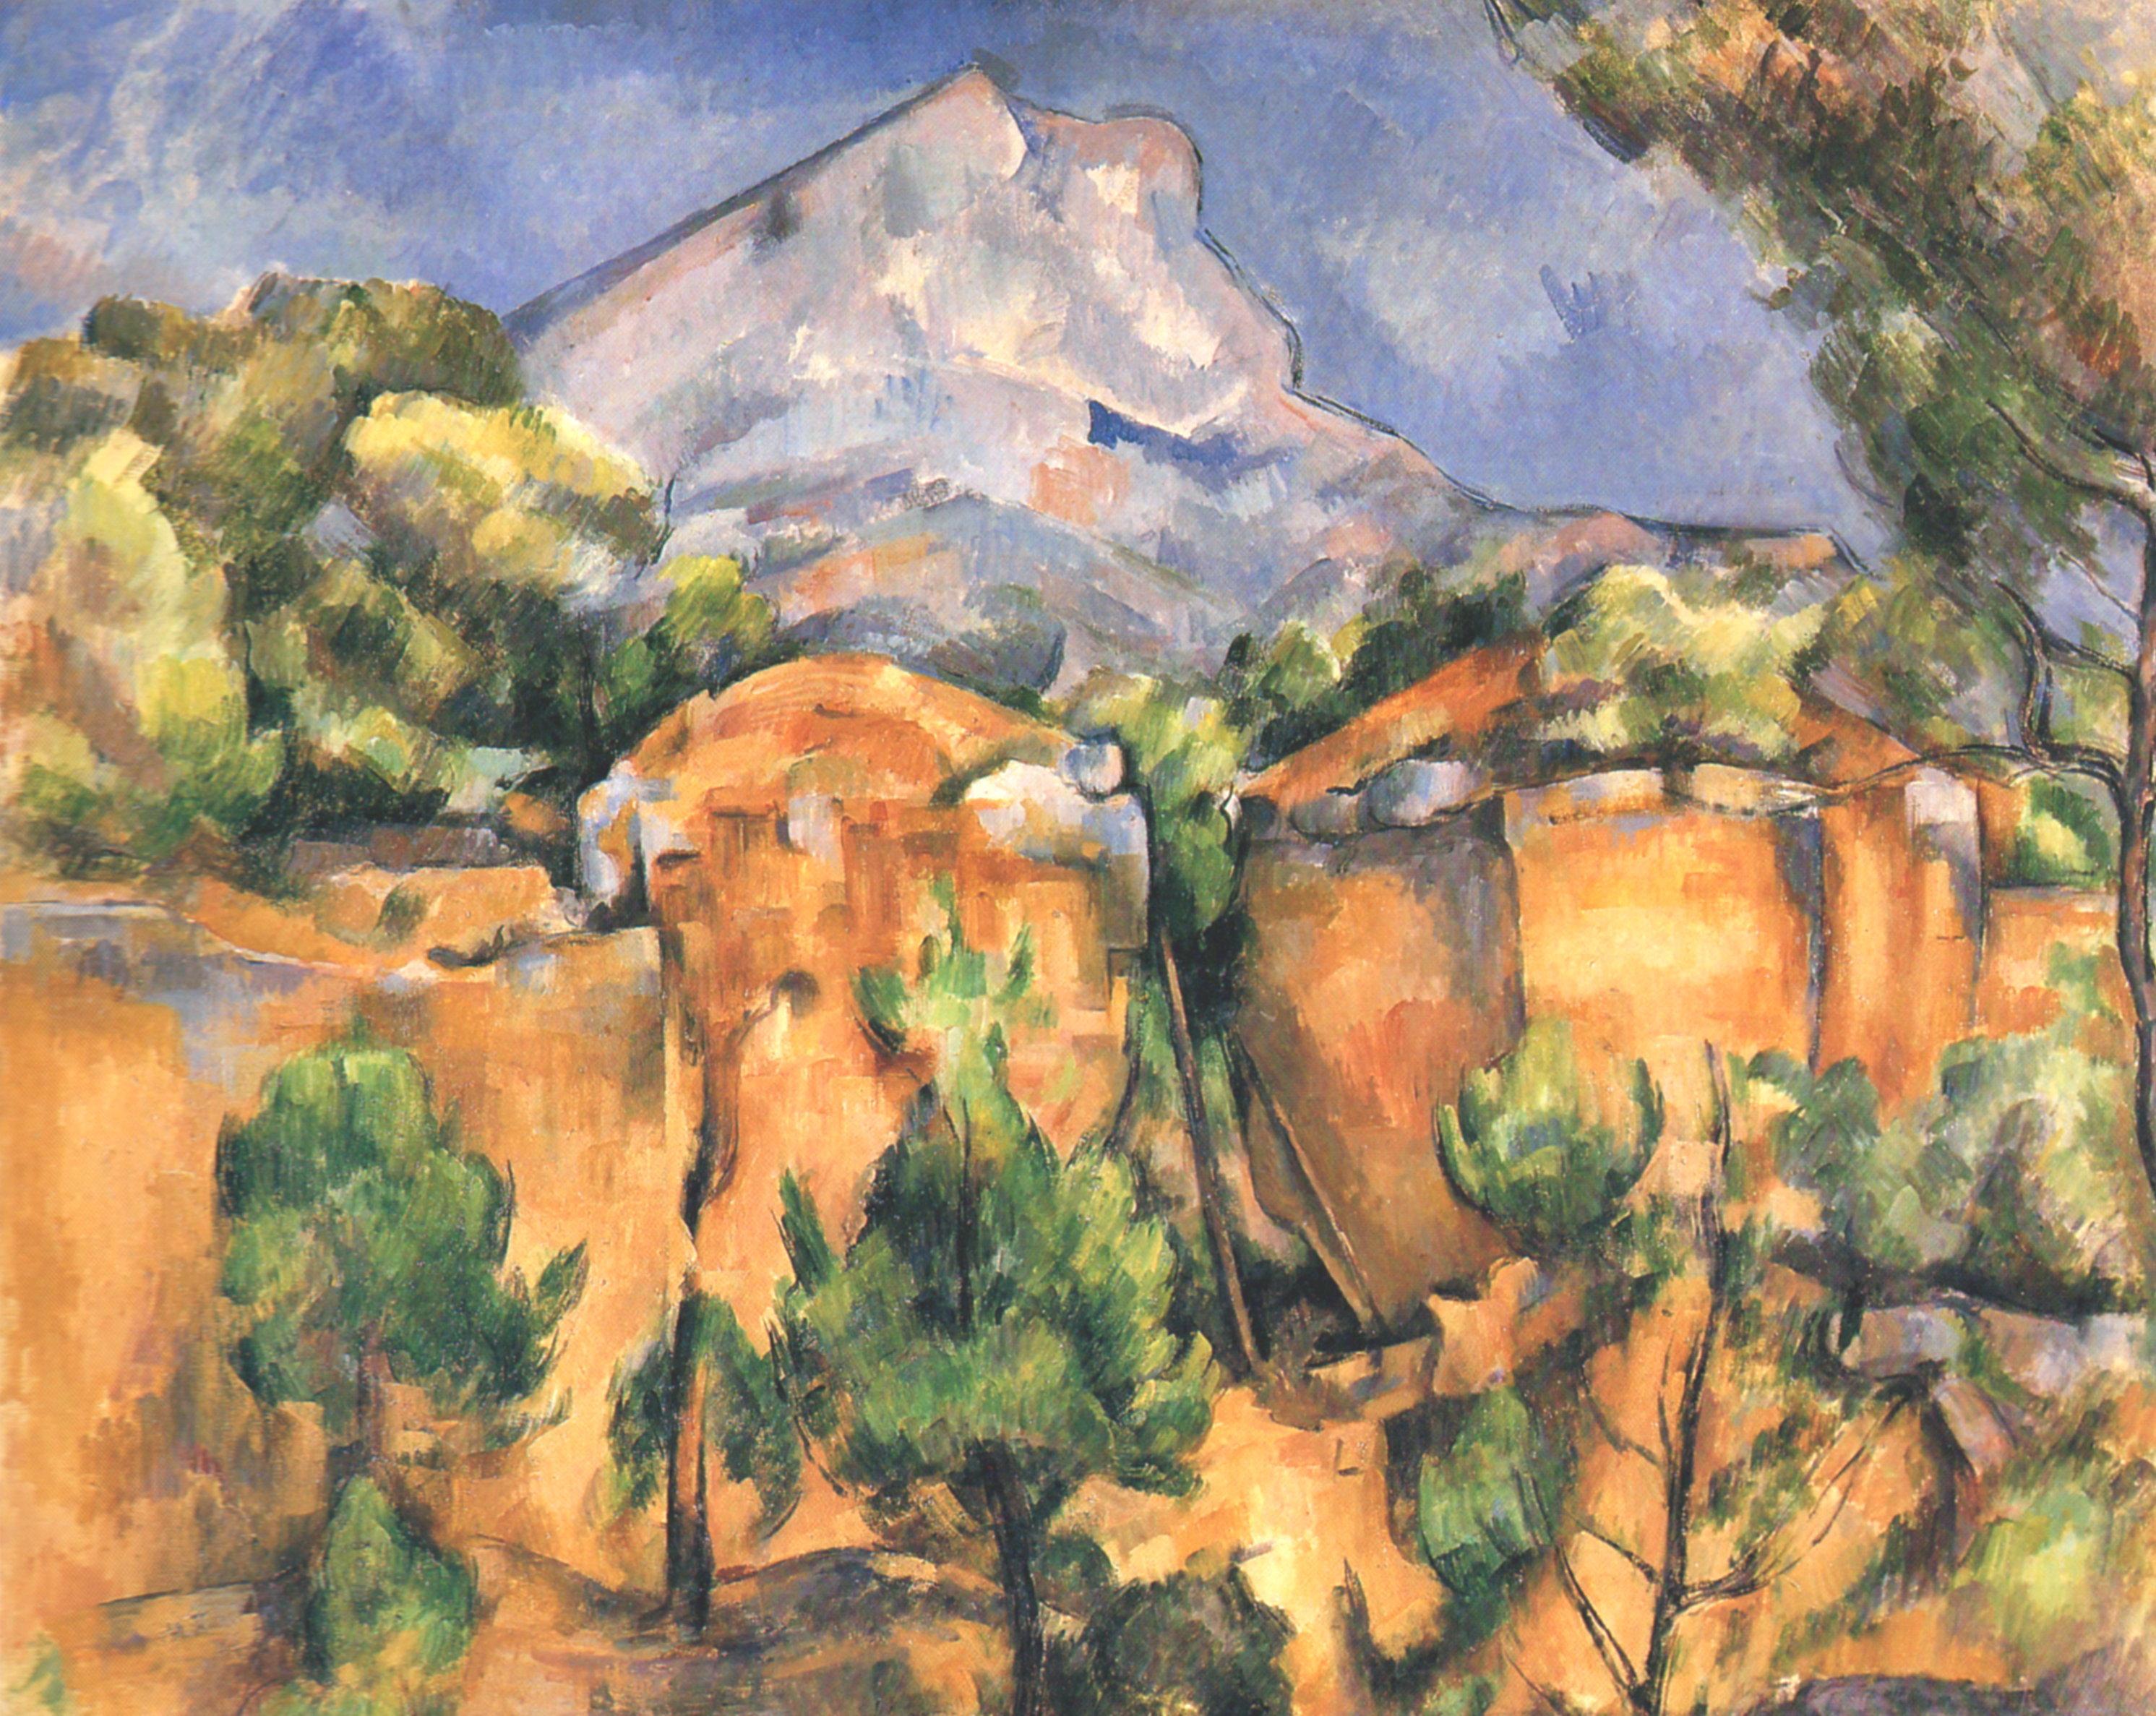 Figura 3 - Cézanne. Pedreira e o monte de Santa Vitória. Baltimore, The Baltimore Museum of Art.